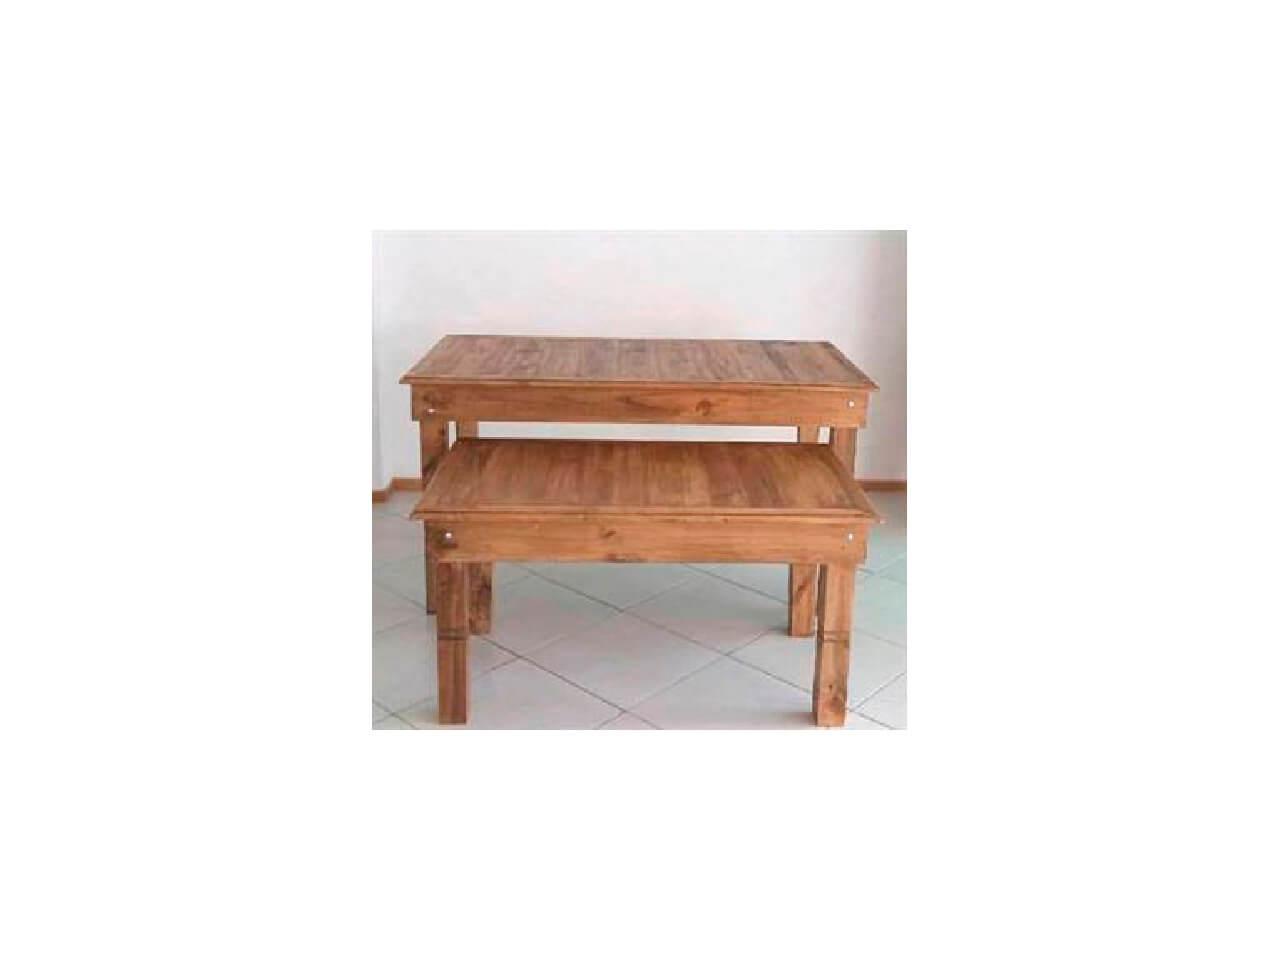 Jogo de mesas rustica 1,80x0,80-1,30x0,60